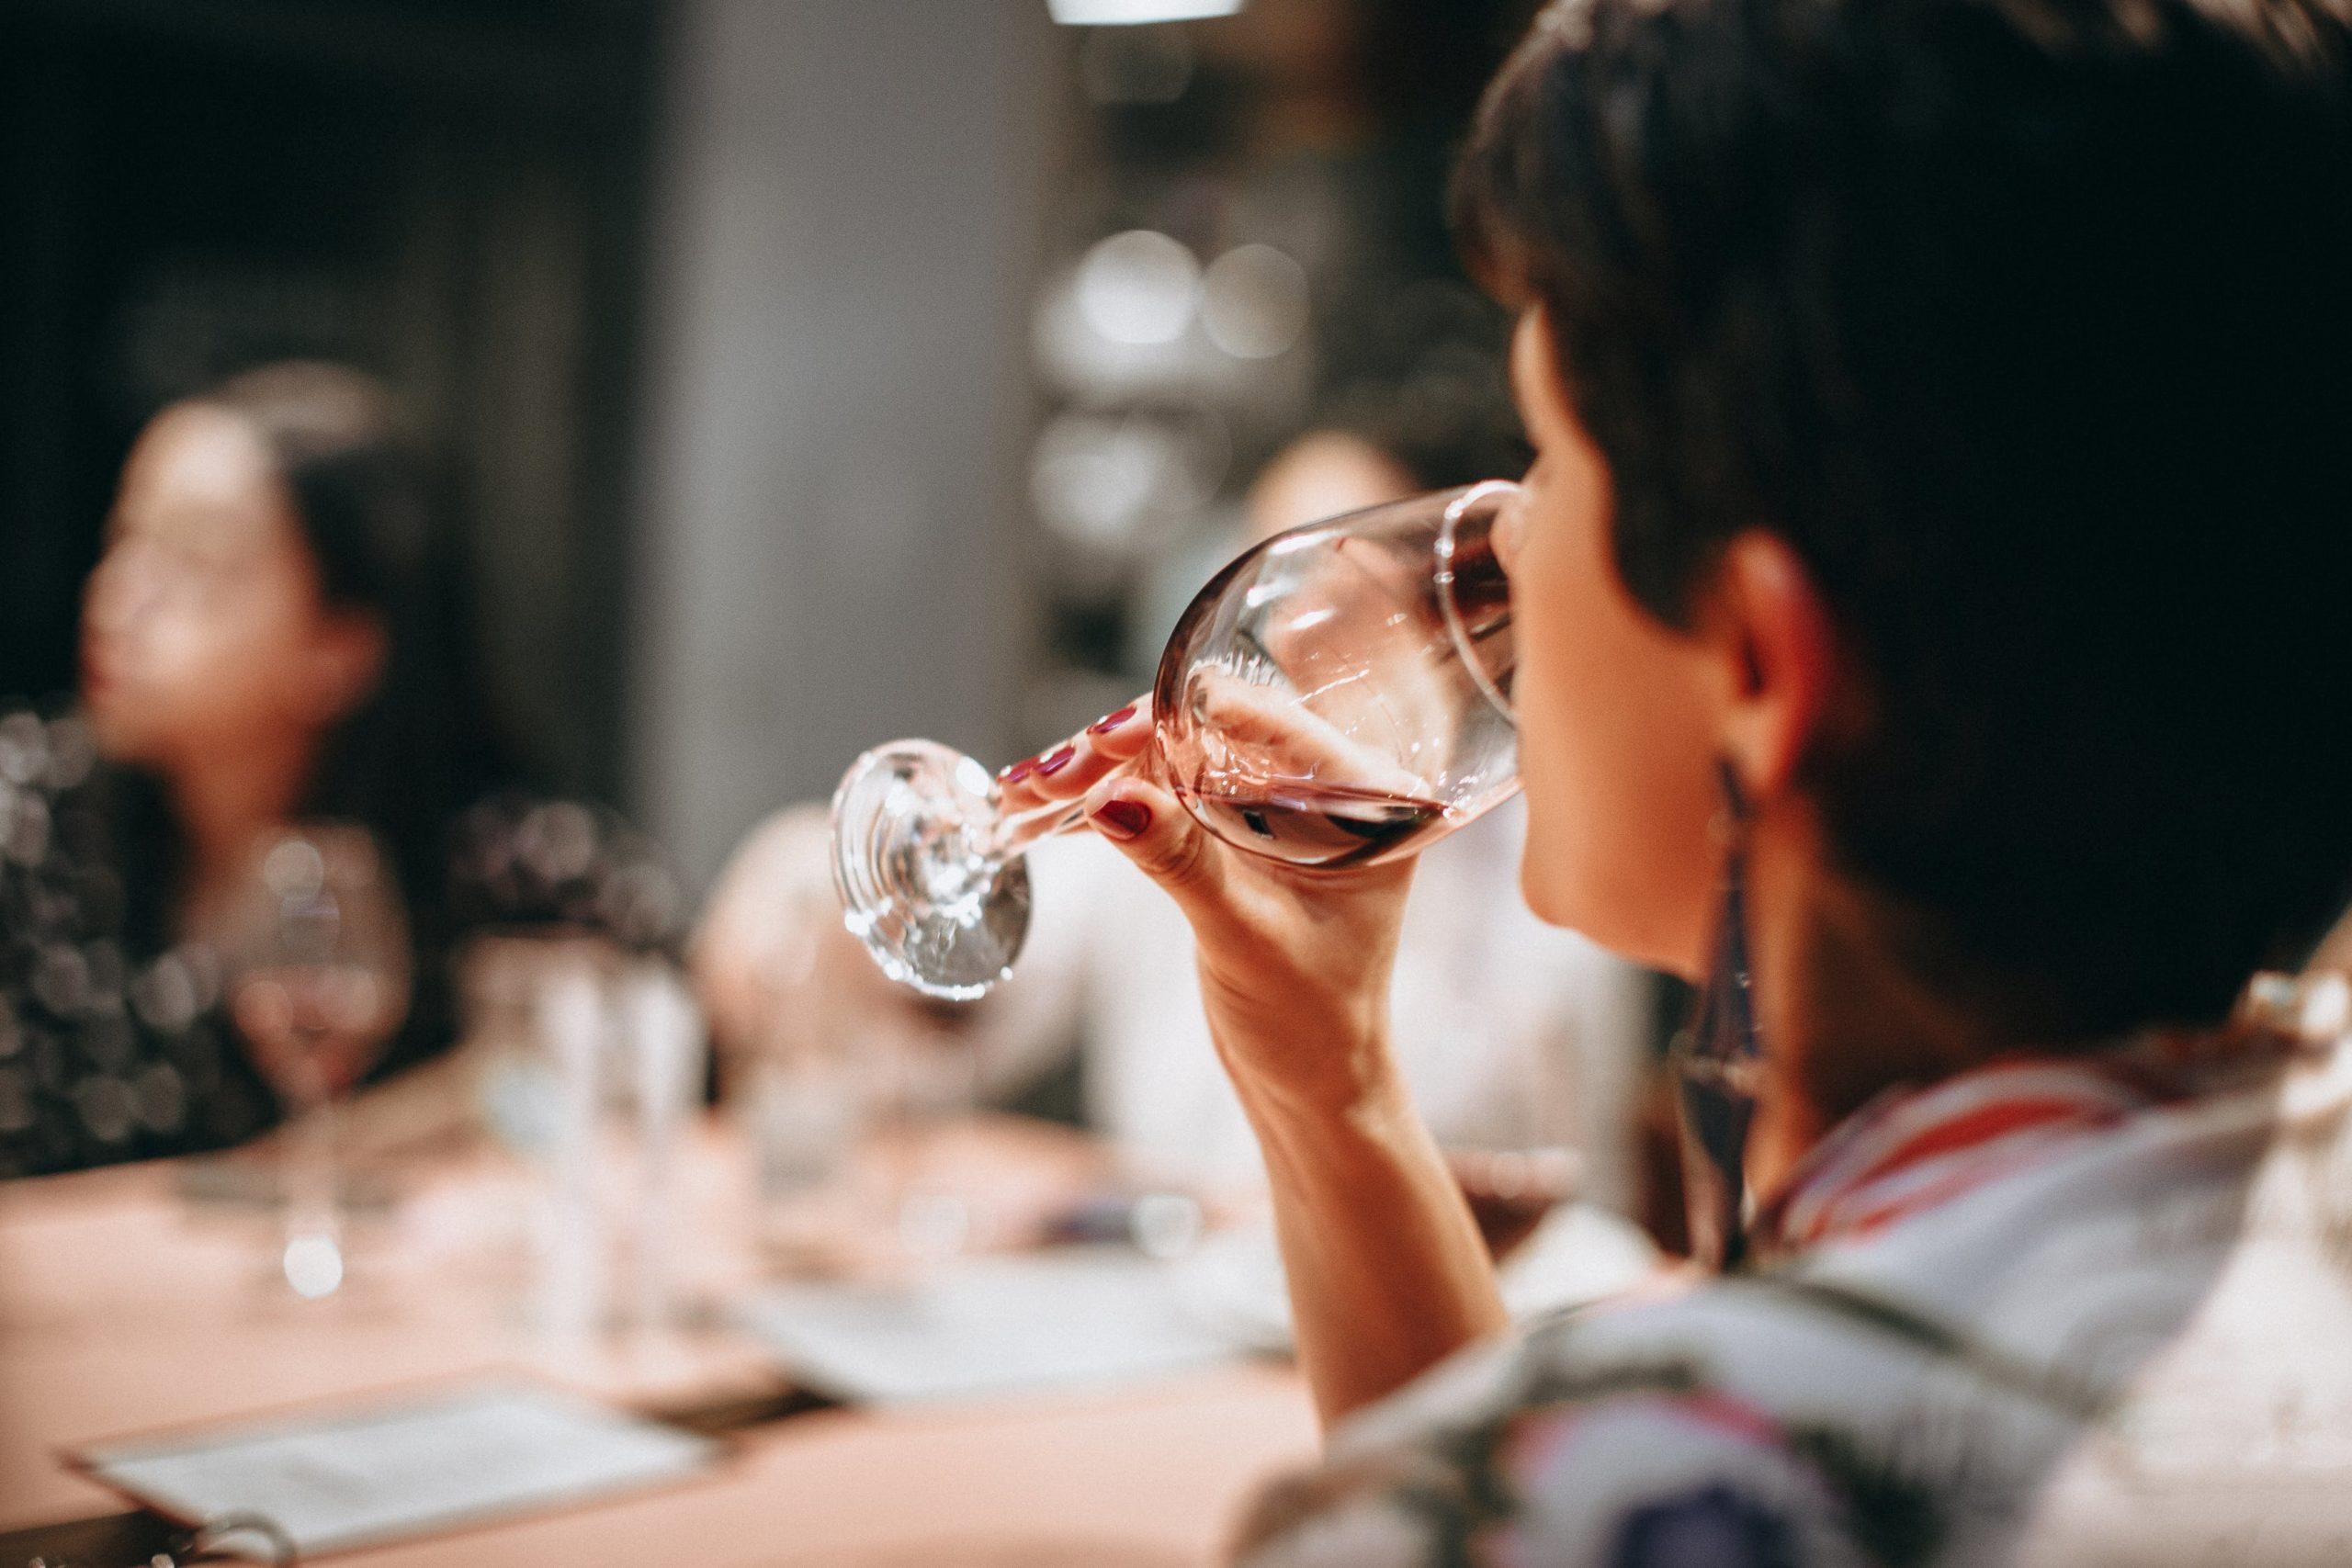 Tasting wine etiquette